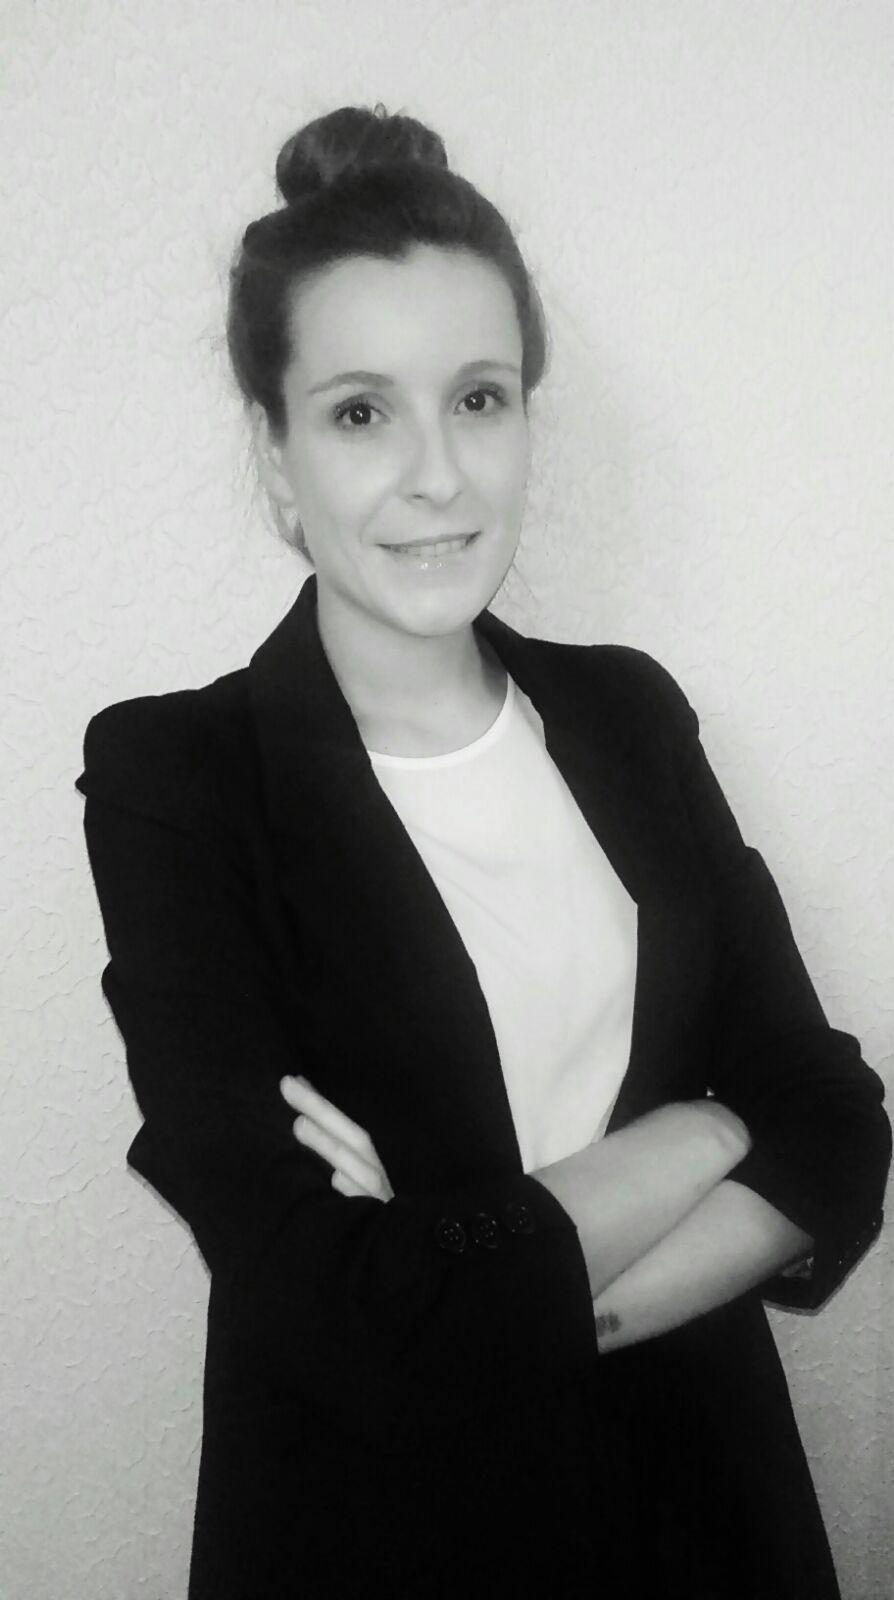 Vanesa Vega